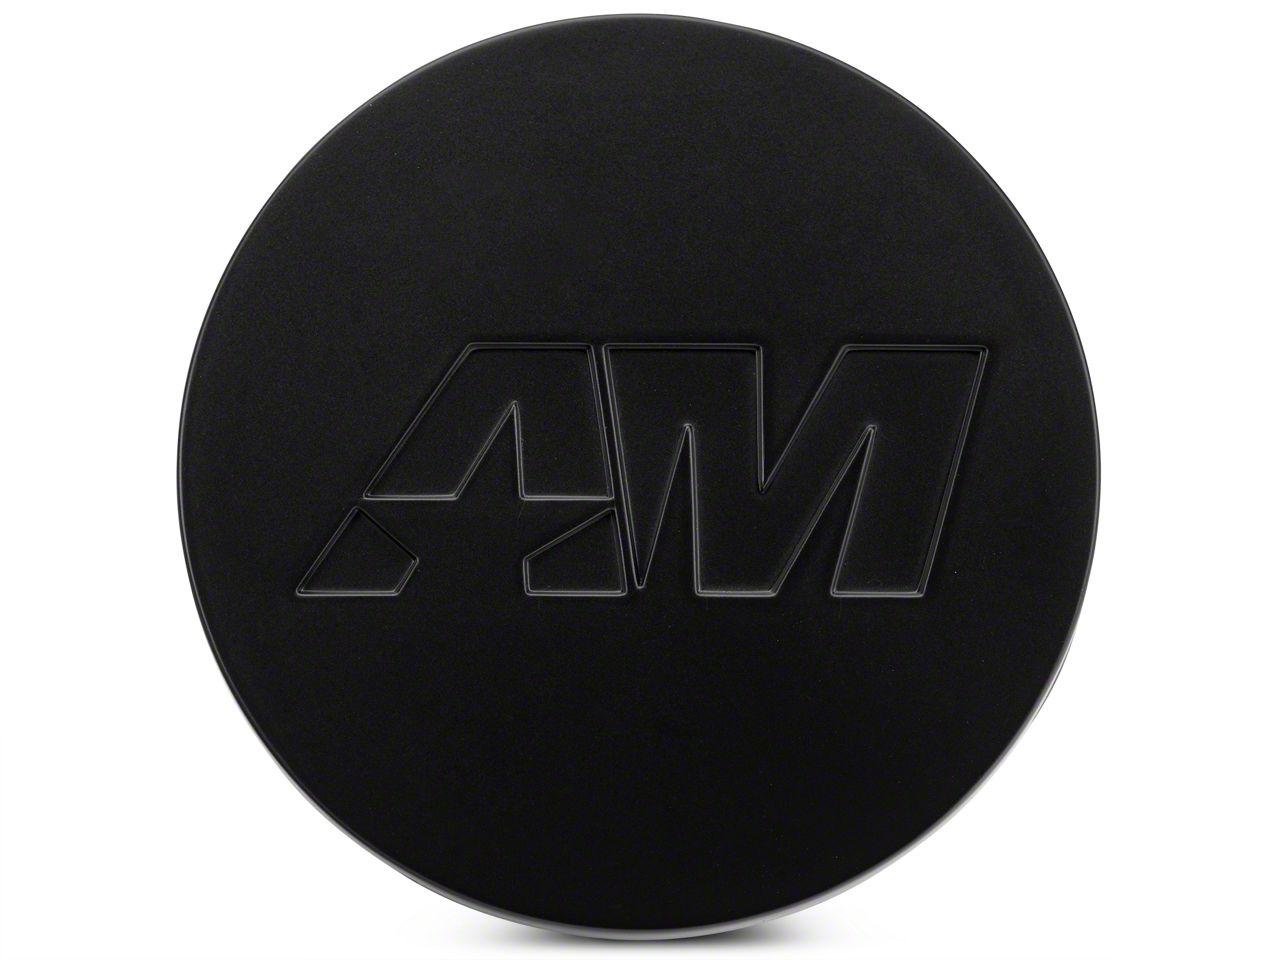 Matte Black AmericanMuscle Center Cap Kit (94-19 All)